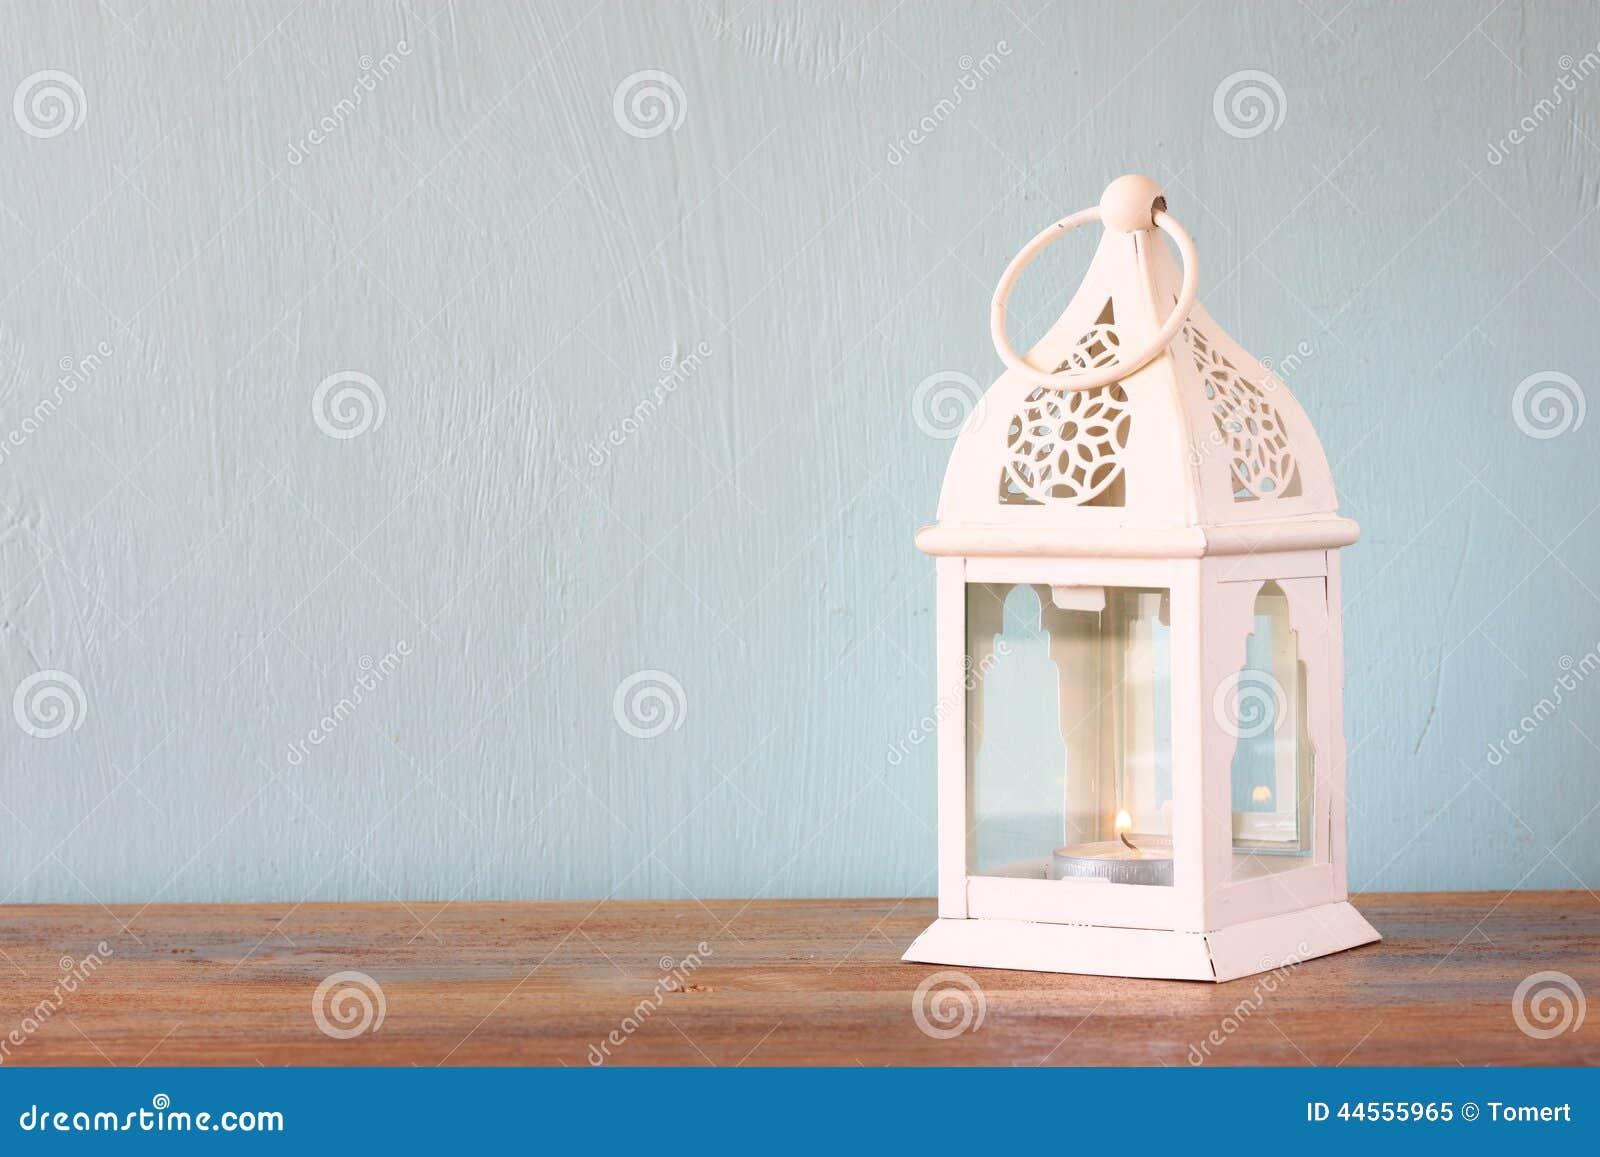 Lanterne blanche au-dessus de table en bois